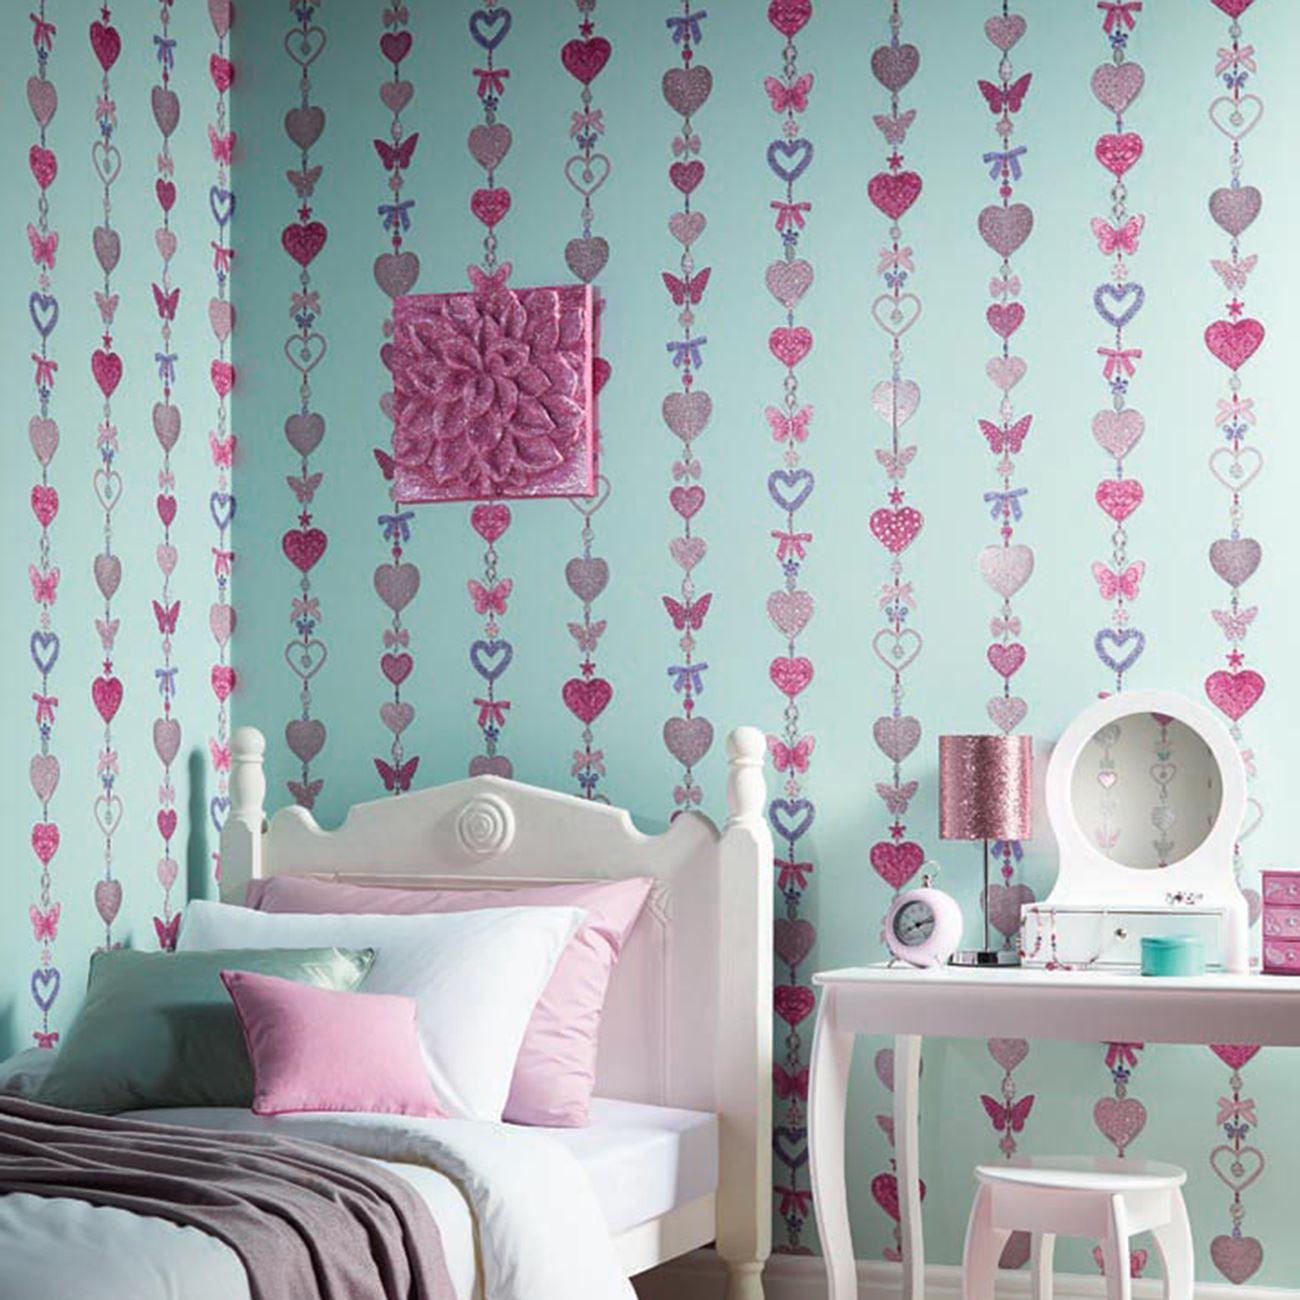 M dchen schick tapete kinder schlafzimmer eigenschaft wand dekoration ebay - Dekoration wand ...